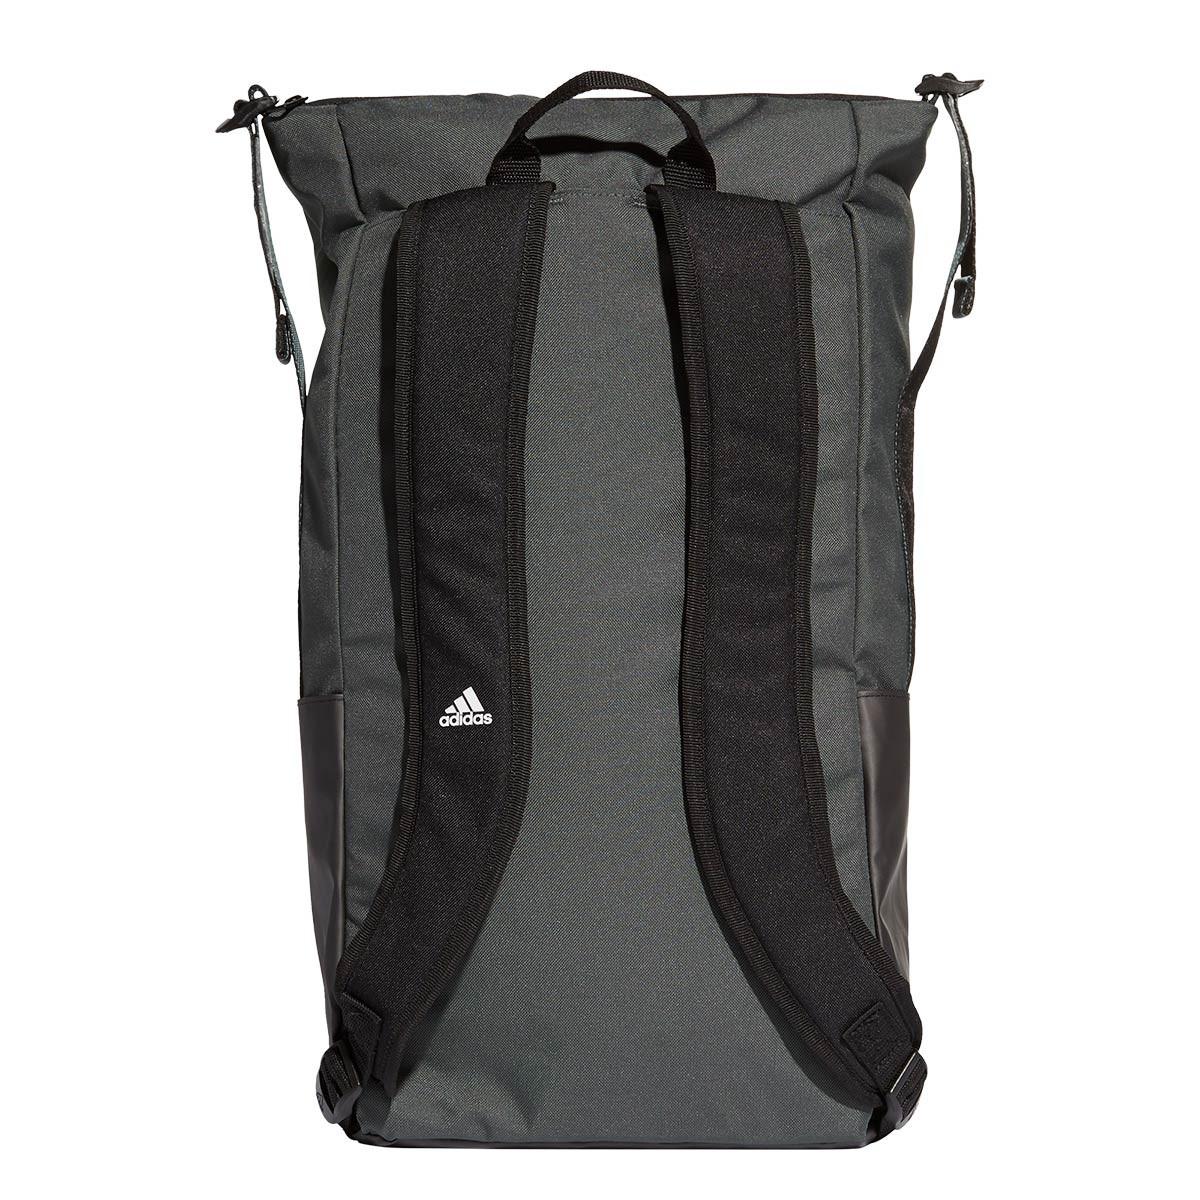 tocino El propietario por supuesto  Backpack adidas ZNE Core Black-Legend ivy-White - Football store Fútbol  Emotion